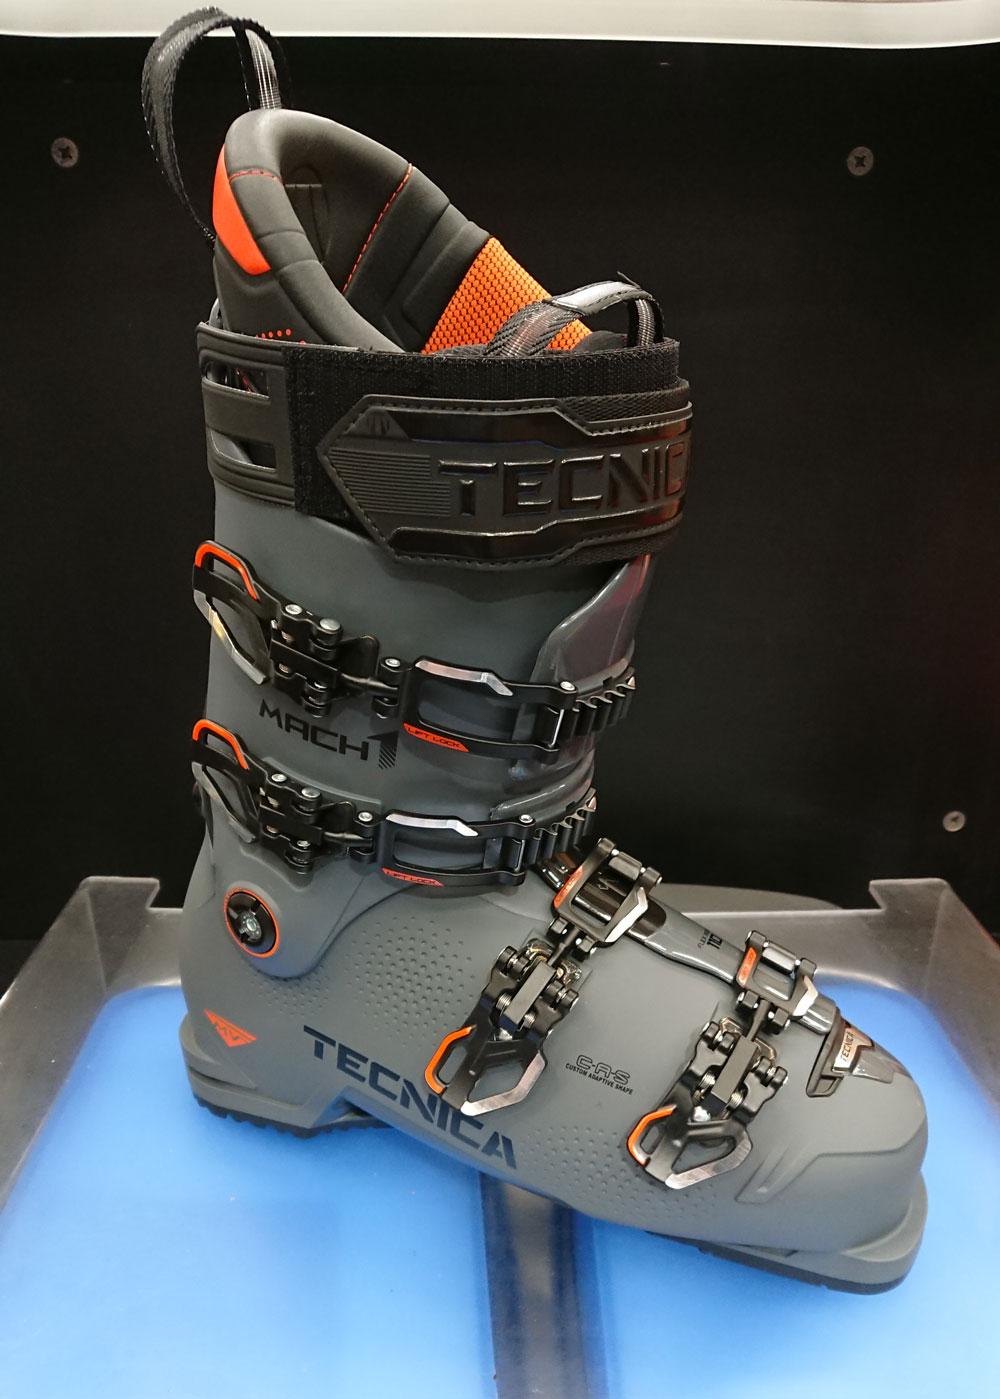 chaussure de ski mach 1 110 tecnica